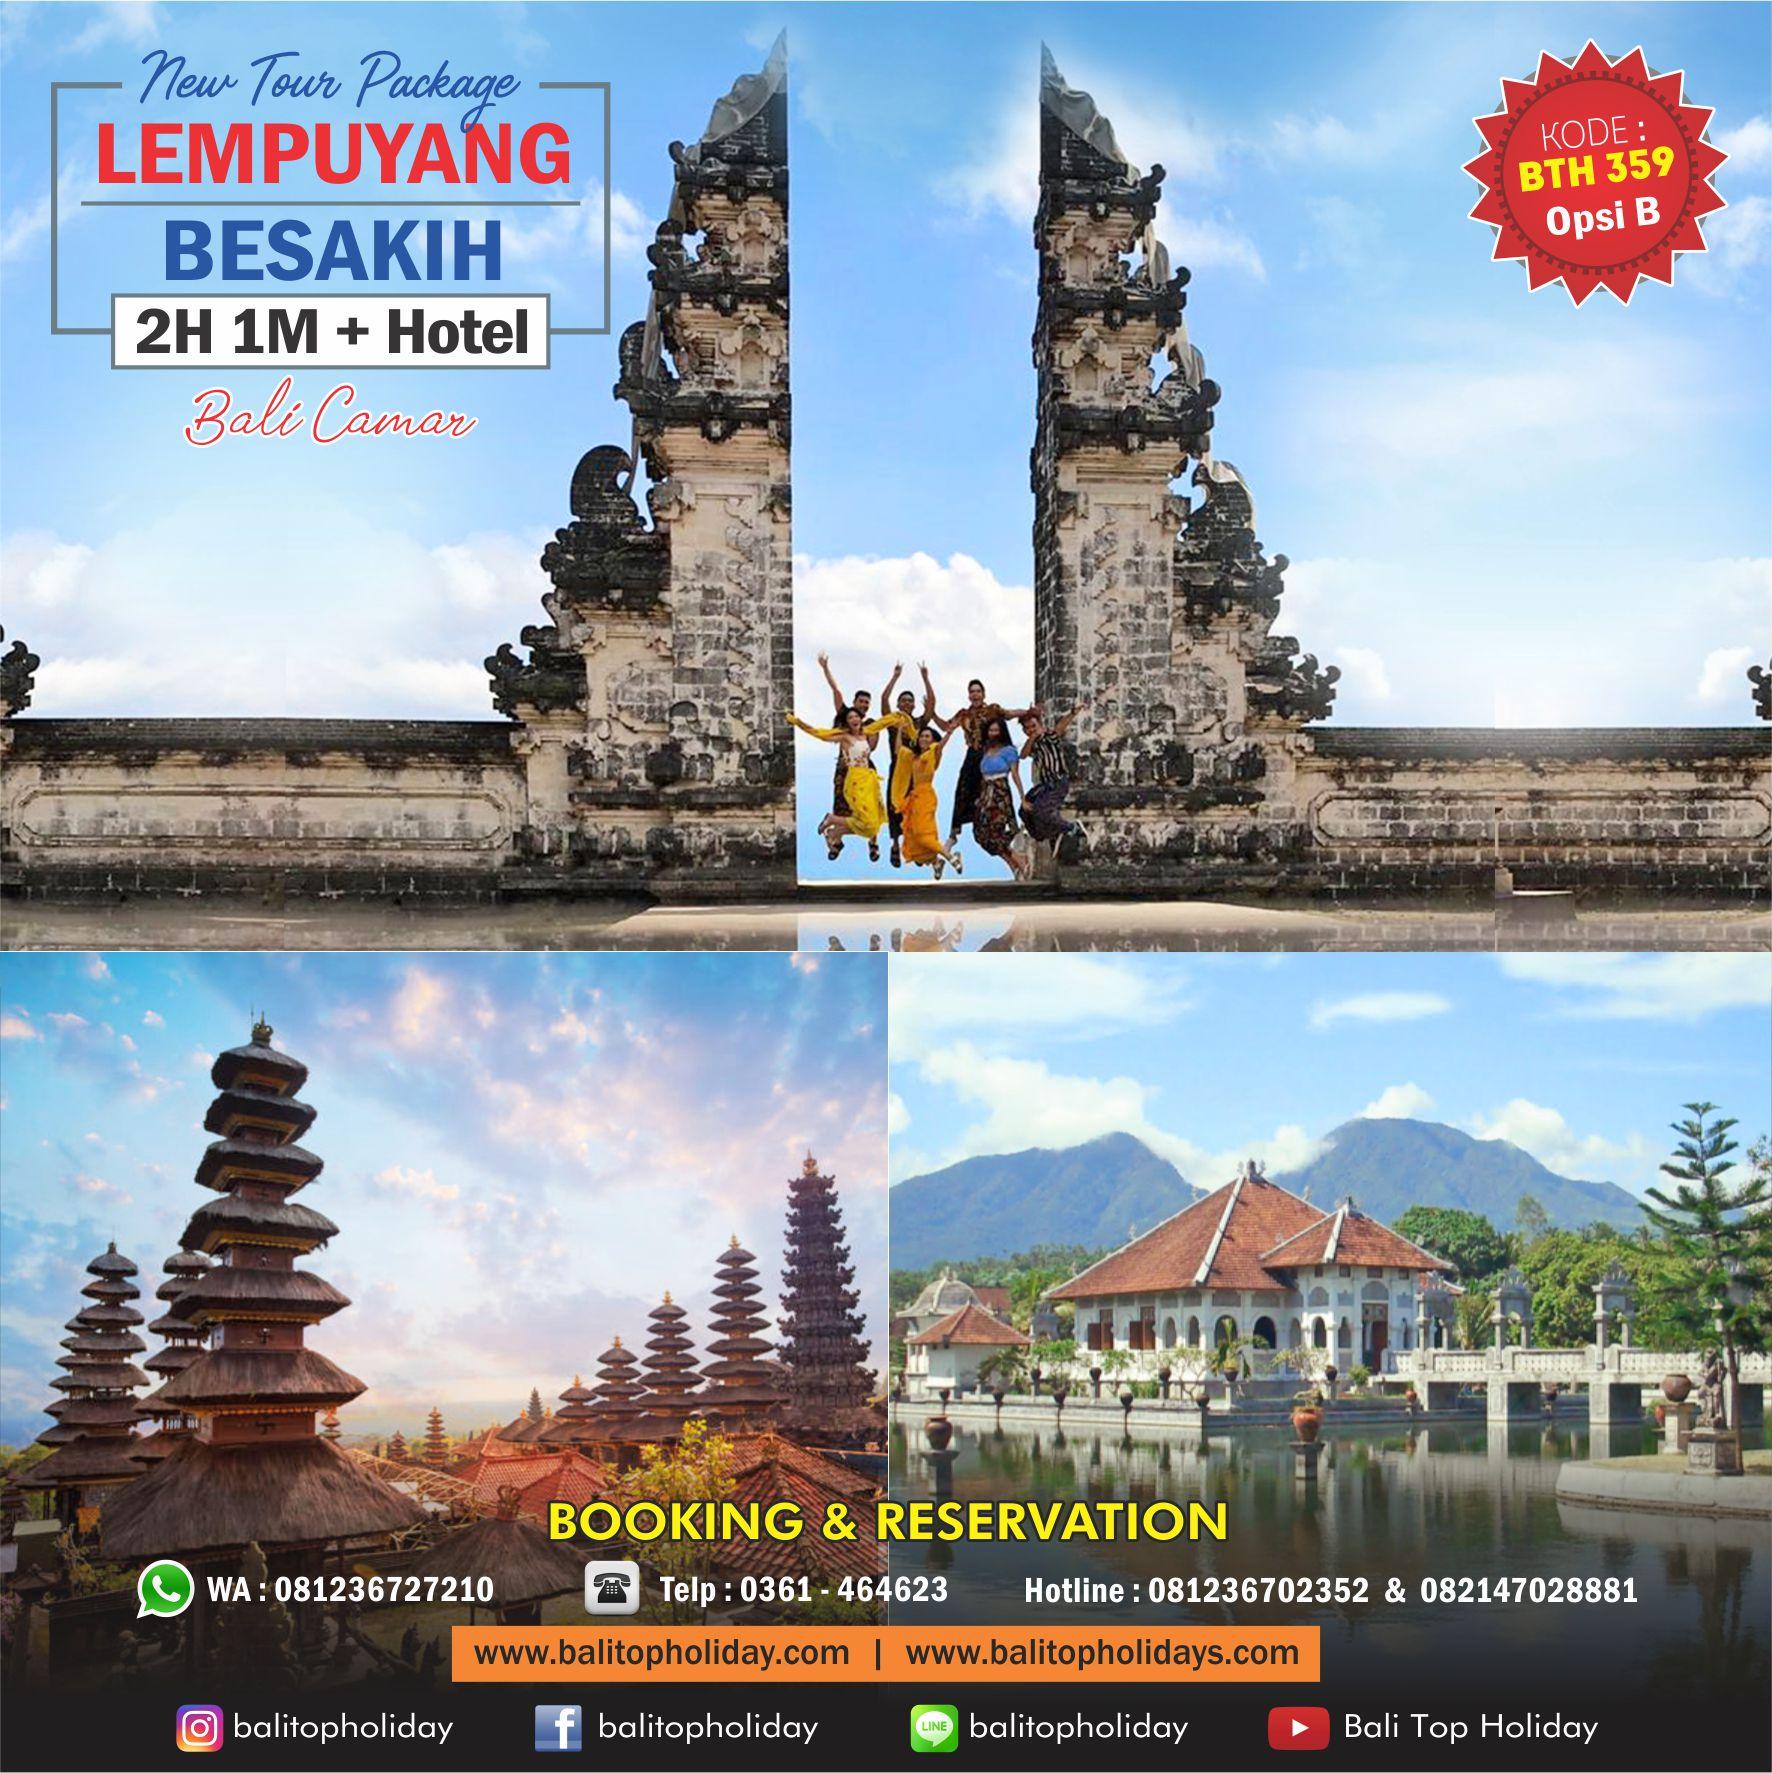 Paket tour Bali 2 hari Bali Timur